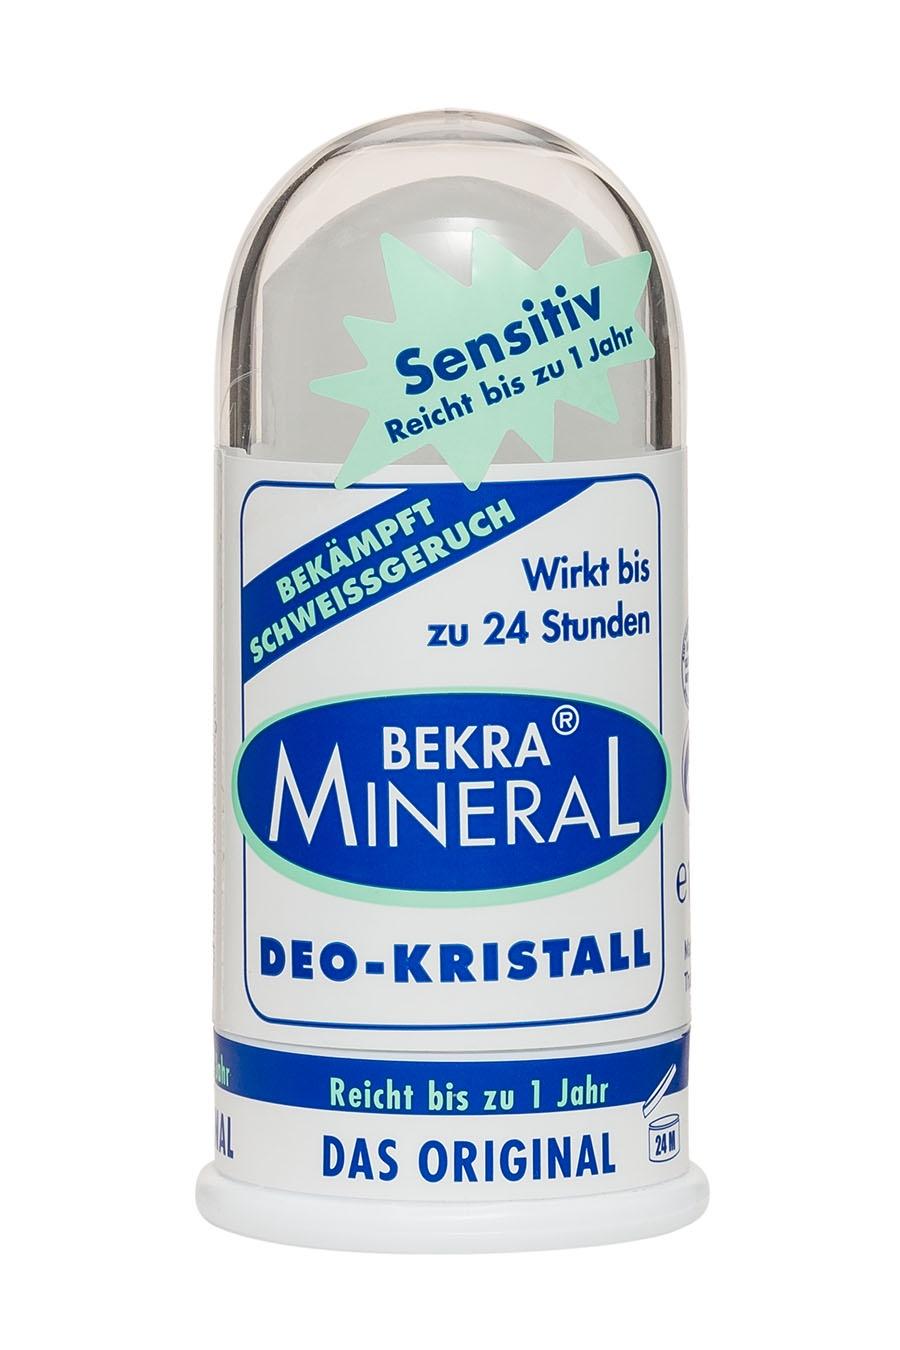 Дезодорант Bekra Mineral Натуральный цельный кристалл Bekra Mineral Sensitiv, 100 дезодорант спрей для ног bekra mineral fuss geruch stop минеральный 150 мл